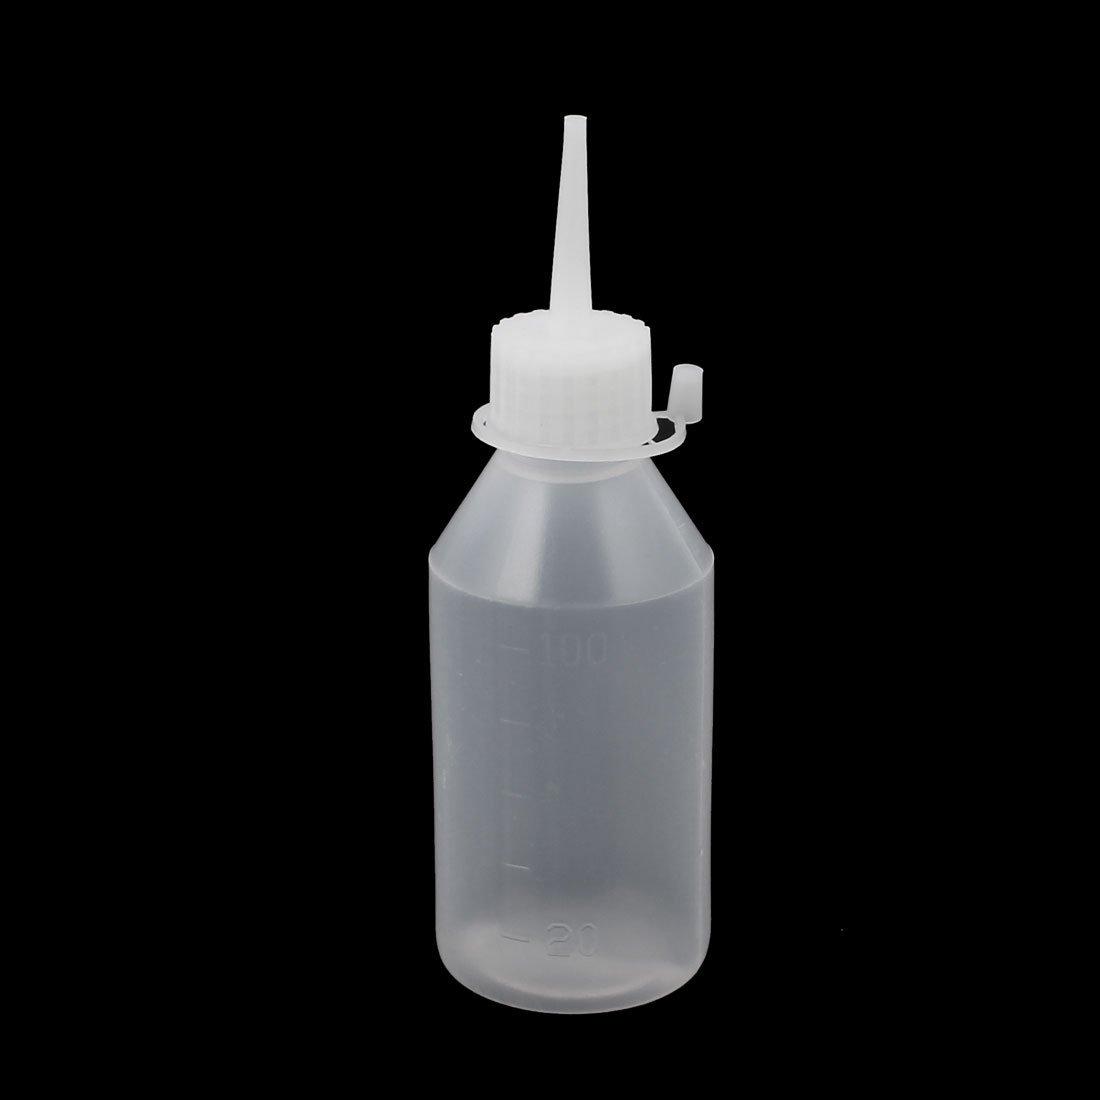 DealMux YH-2L plástico Laboratório Cozinha Squeeze Bottle Dispenser 100ML 3 Pcs: Amazon.com: Industrial & Scientific